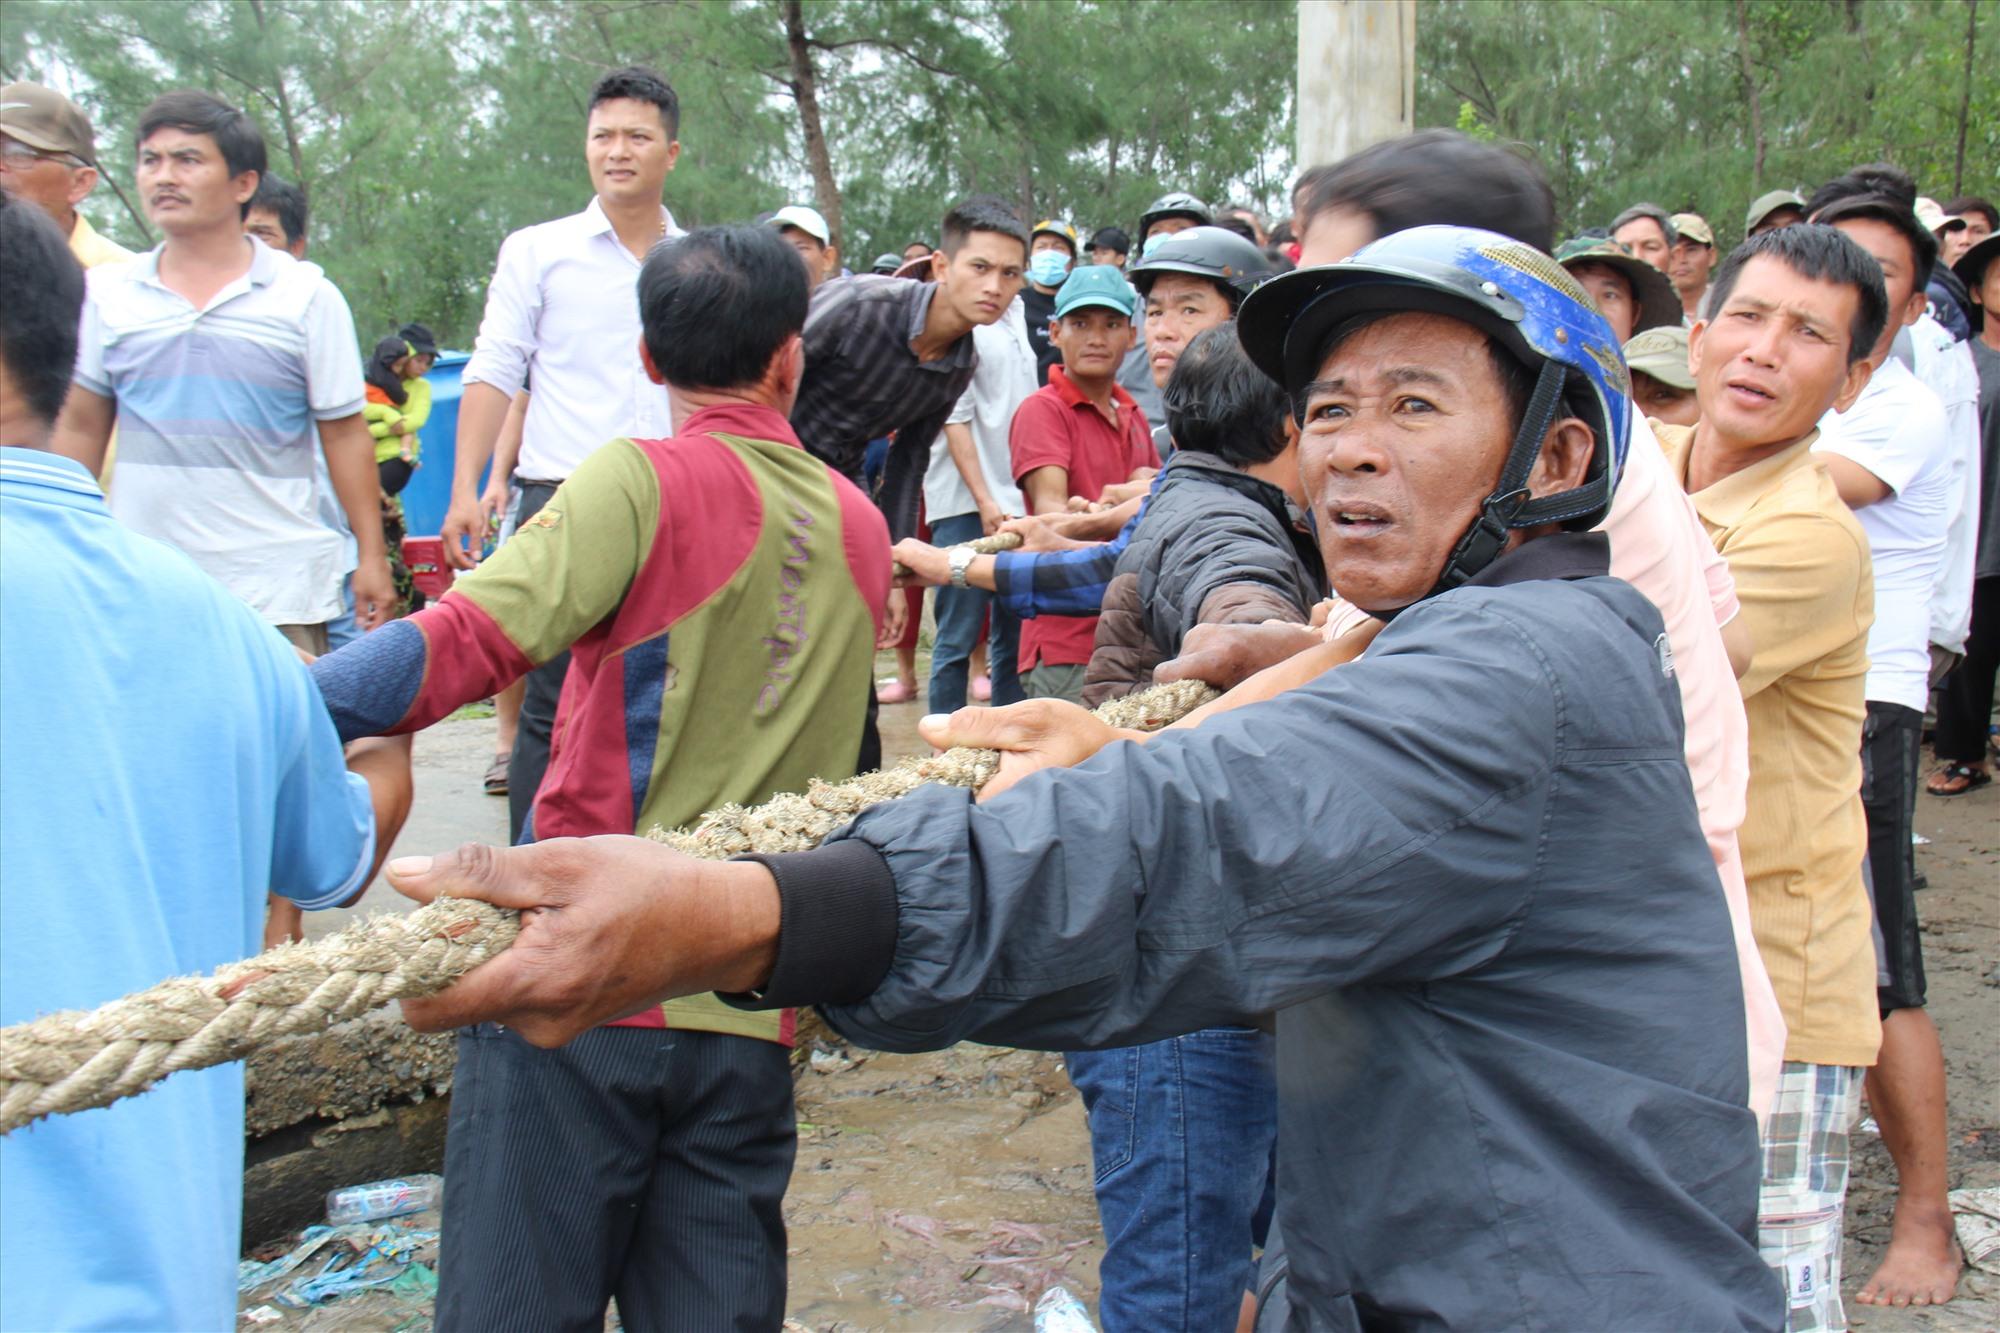 Người dân các xã Tam Tiến, Tam Hòa, Tam Hải hỗ trợ tìm kiếm 2 người mất tích. Ảnh: HOÀI AN